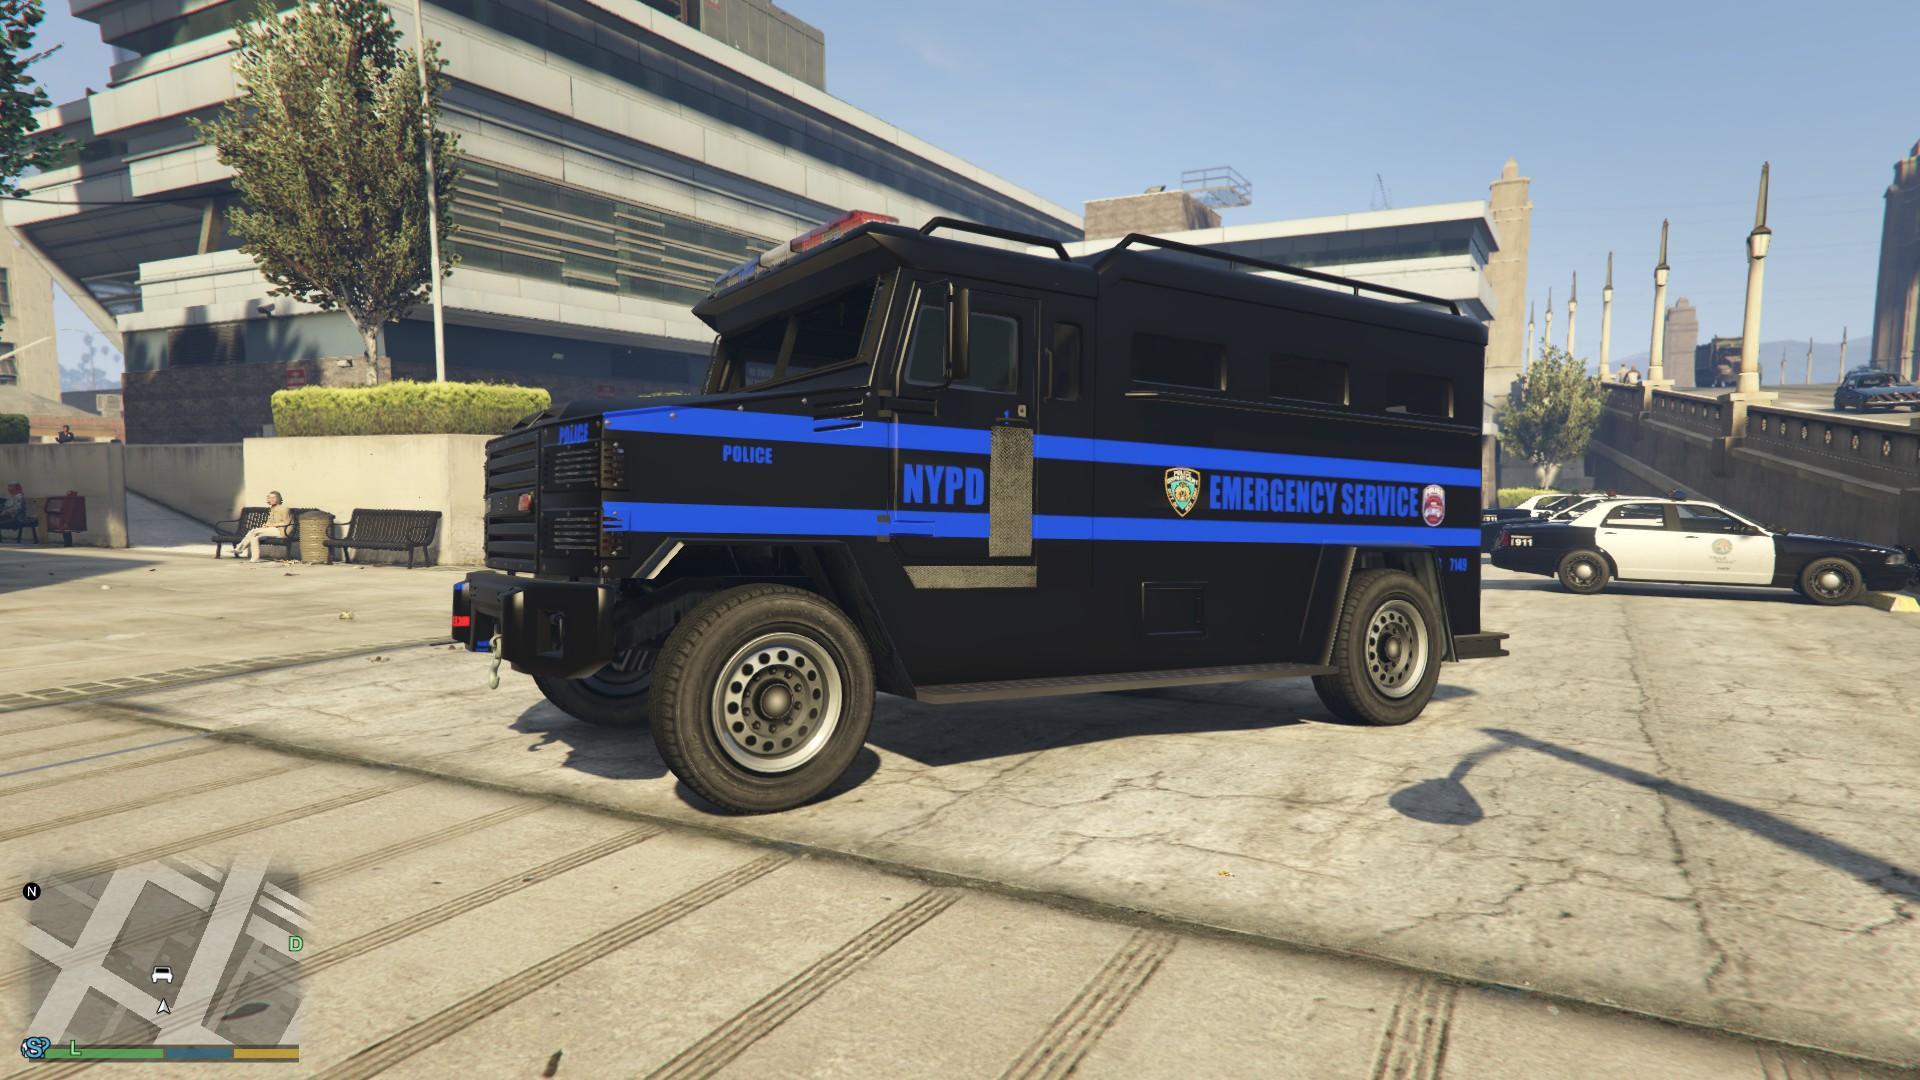 Gta 4 Swat Truck Cheat | gta 4 swat truck cheat nypd esu ...